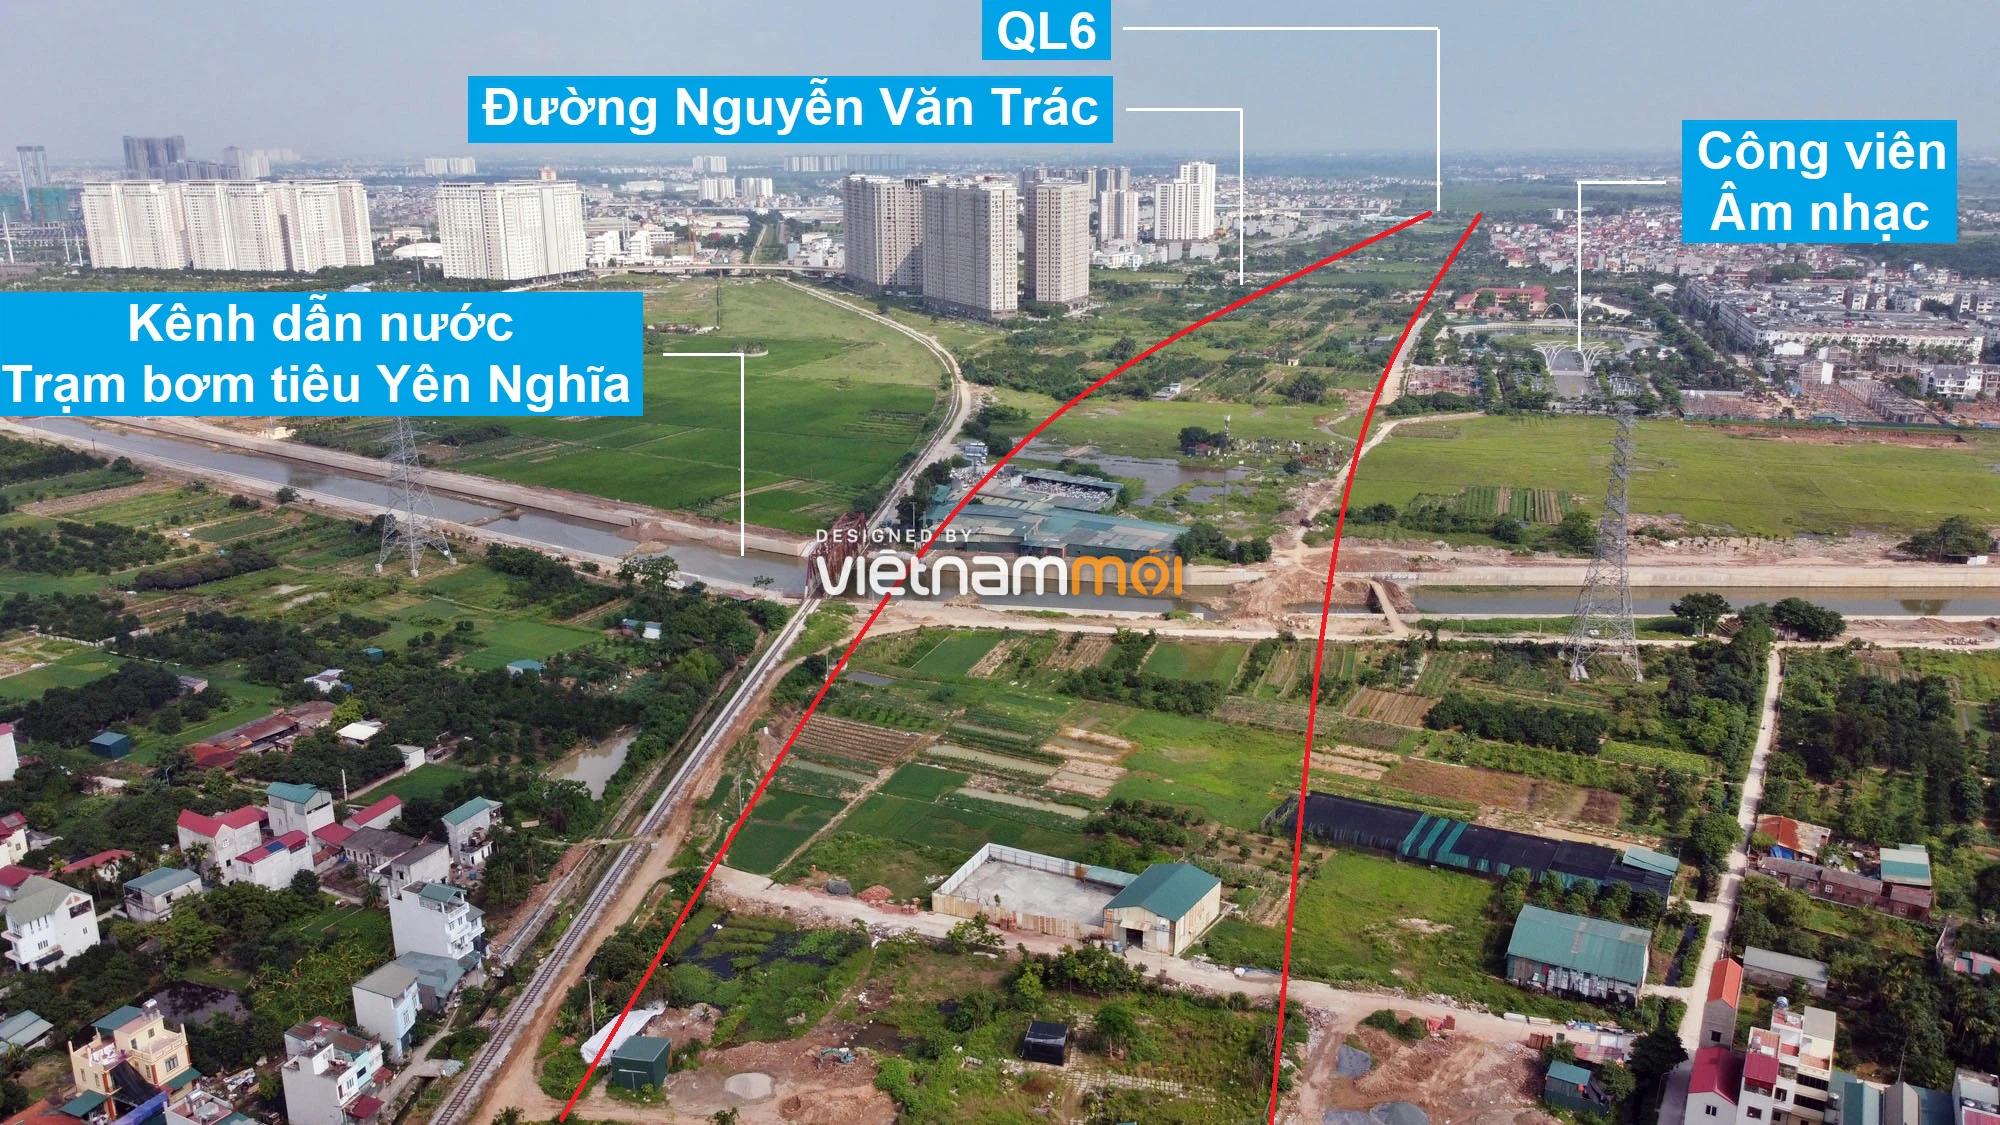 Đường Vành đai 4 sẽ mở theo quy hoạch qua huyện Hoài Đức, Hà Nội - Ảnh 16.